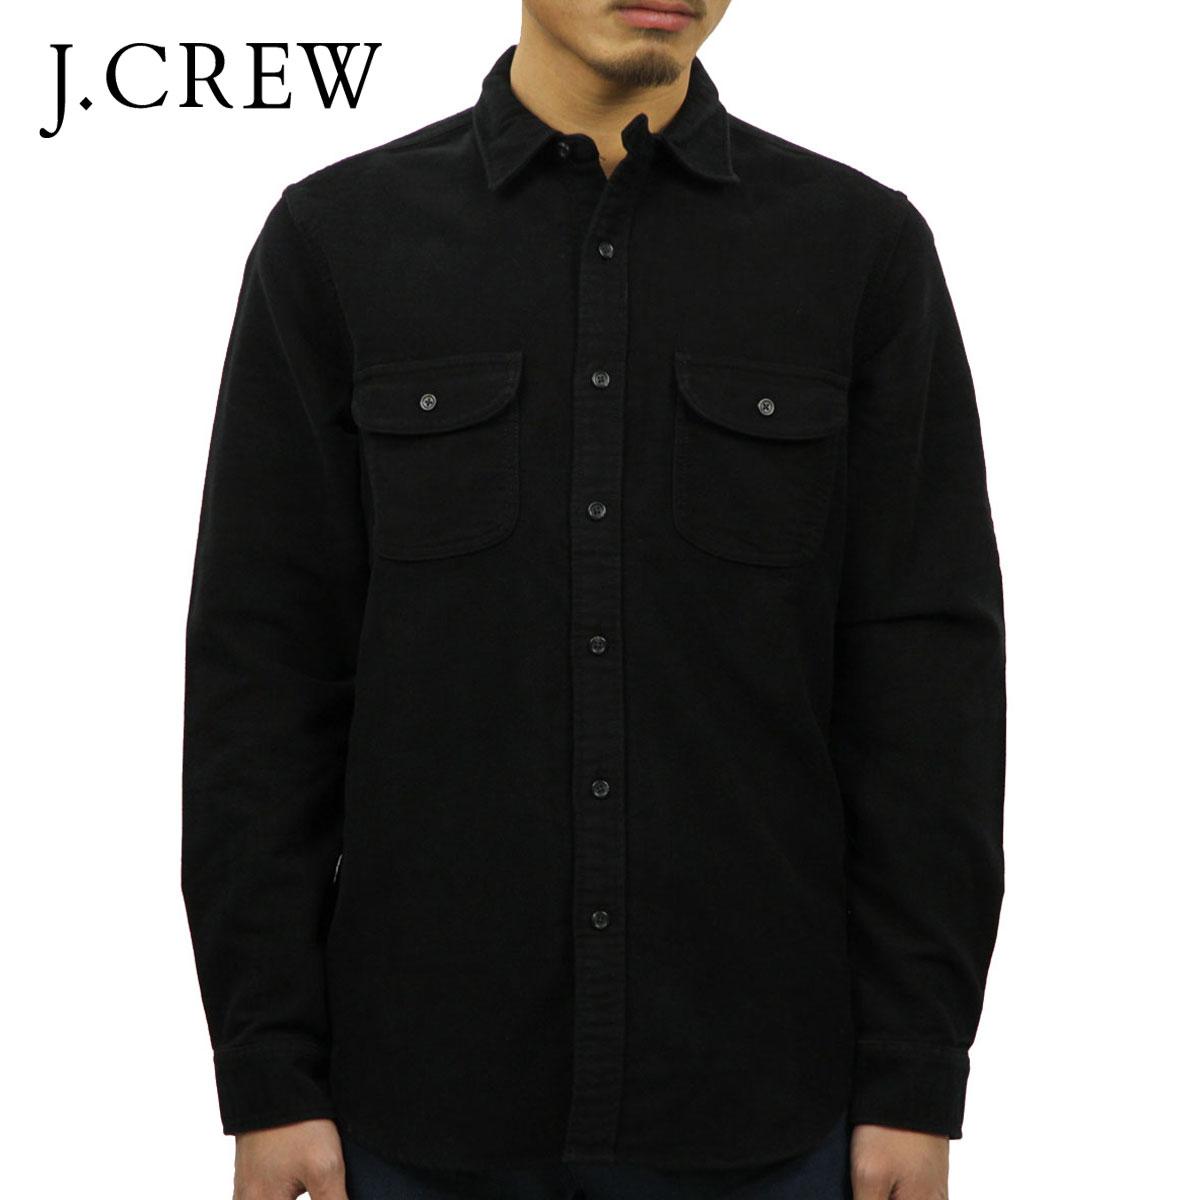 ジェイクルー J.CREW 正規品 メンズ 長袖シャツ MOLESKIN WORKSHIRT f4558 D00S20